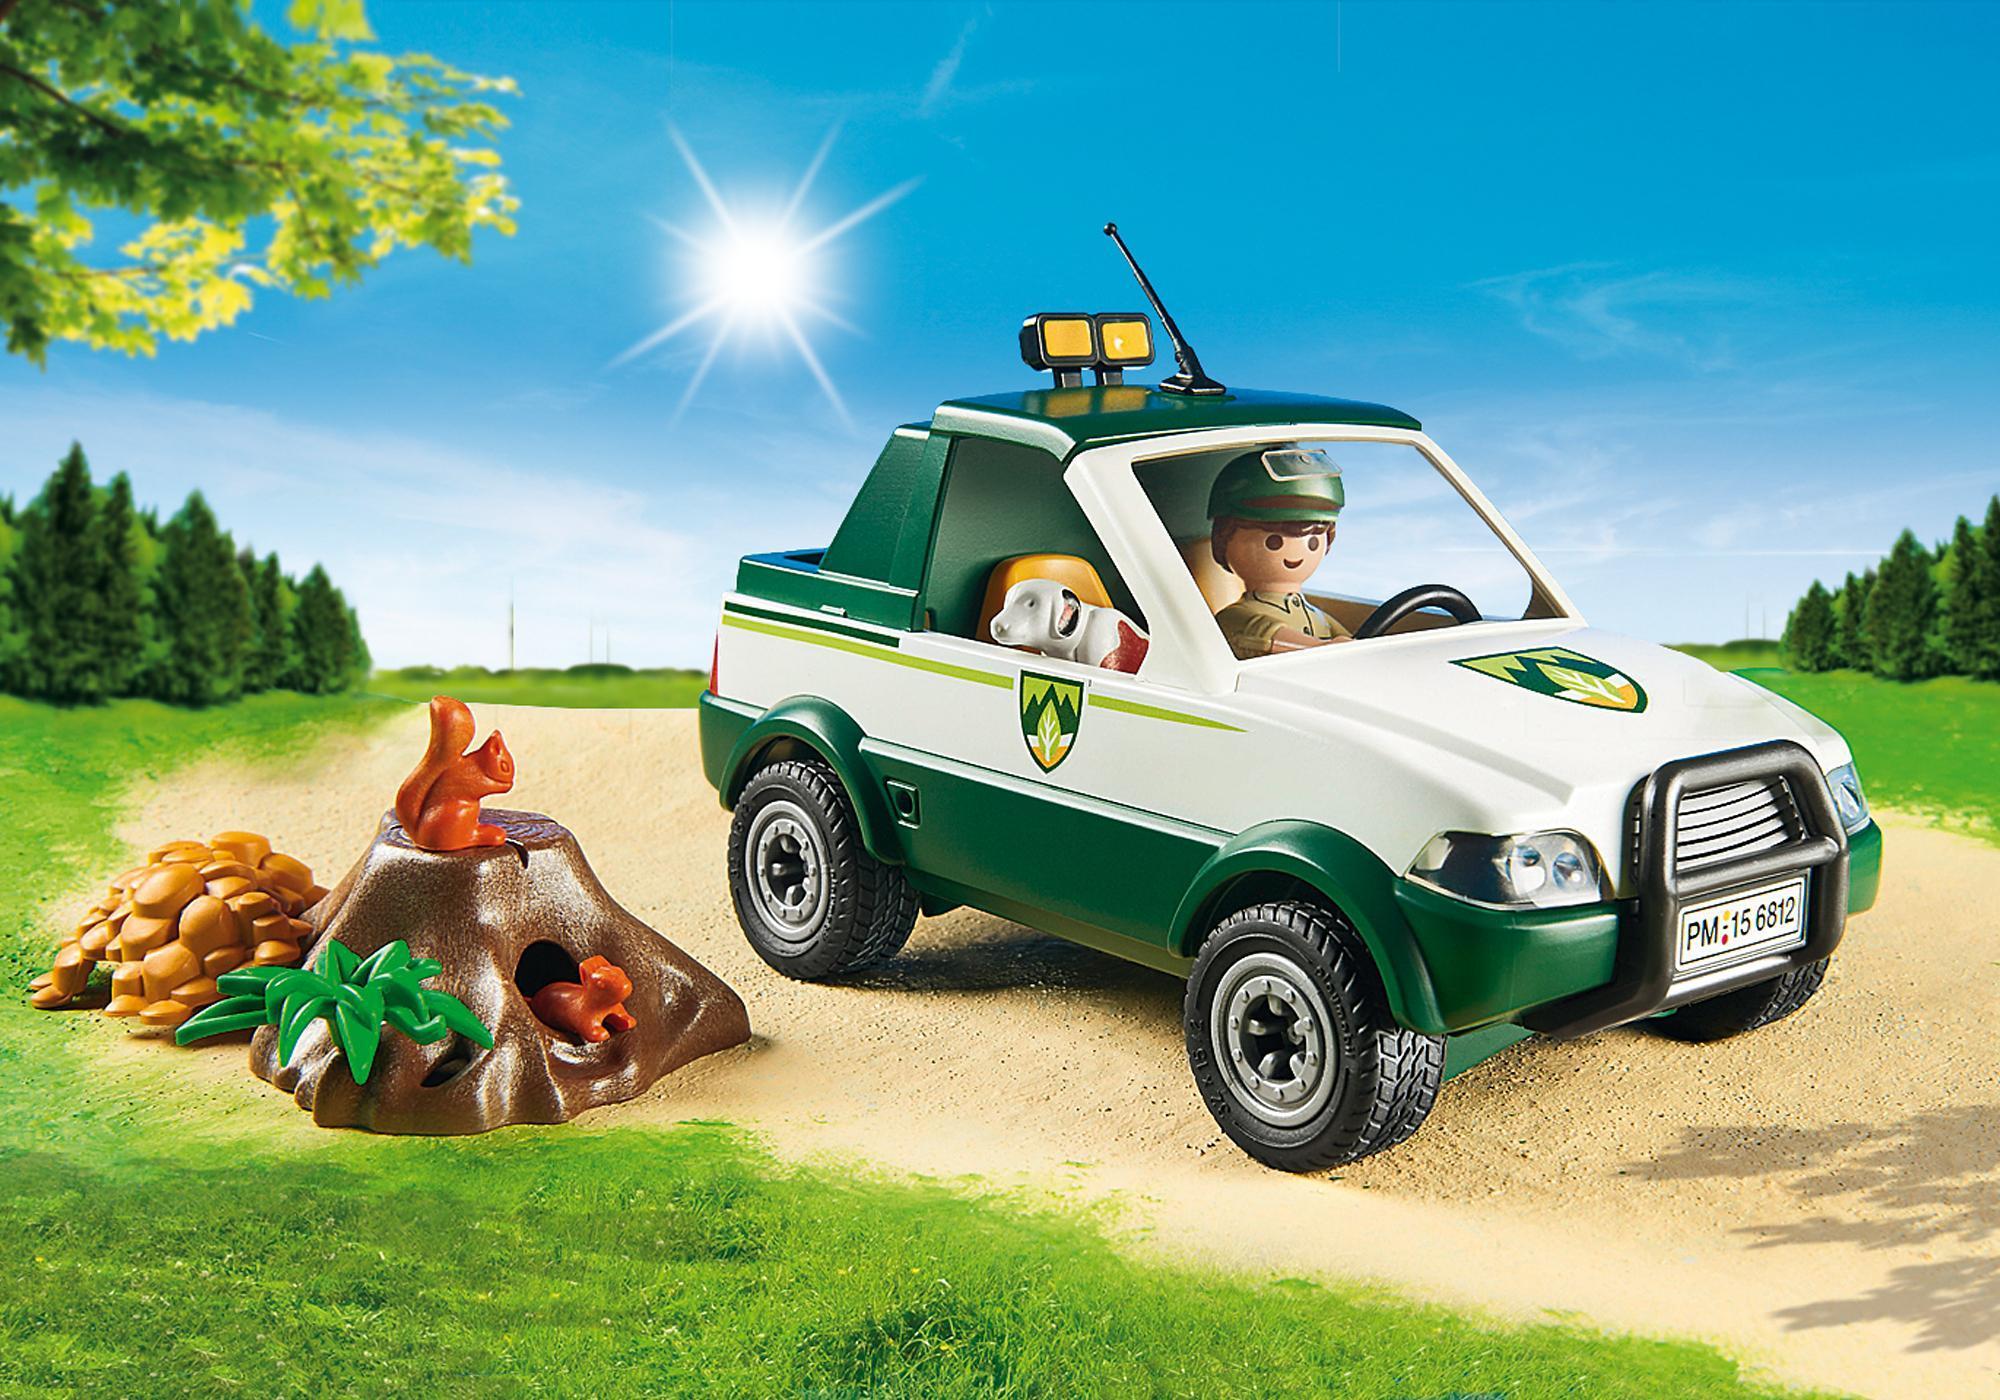 http://media.playmobil.com/i/playmobil/6812_product_extra2/Förster-Pickup